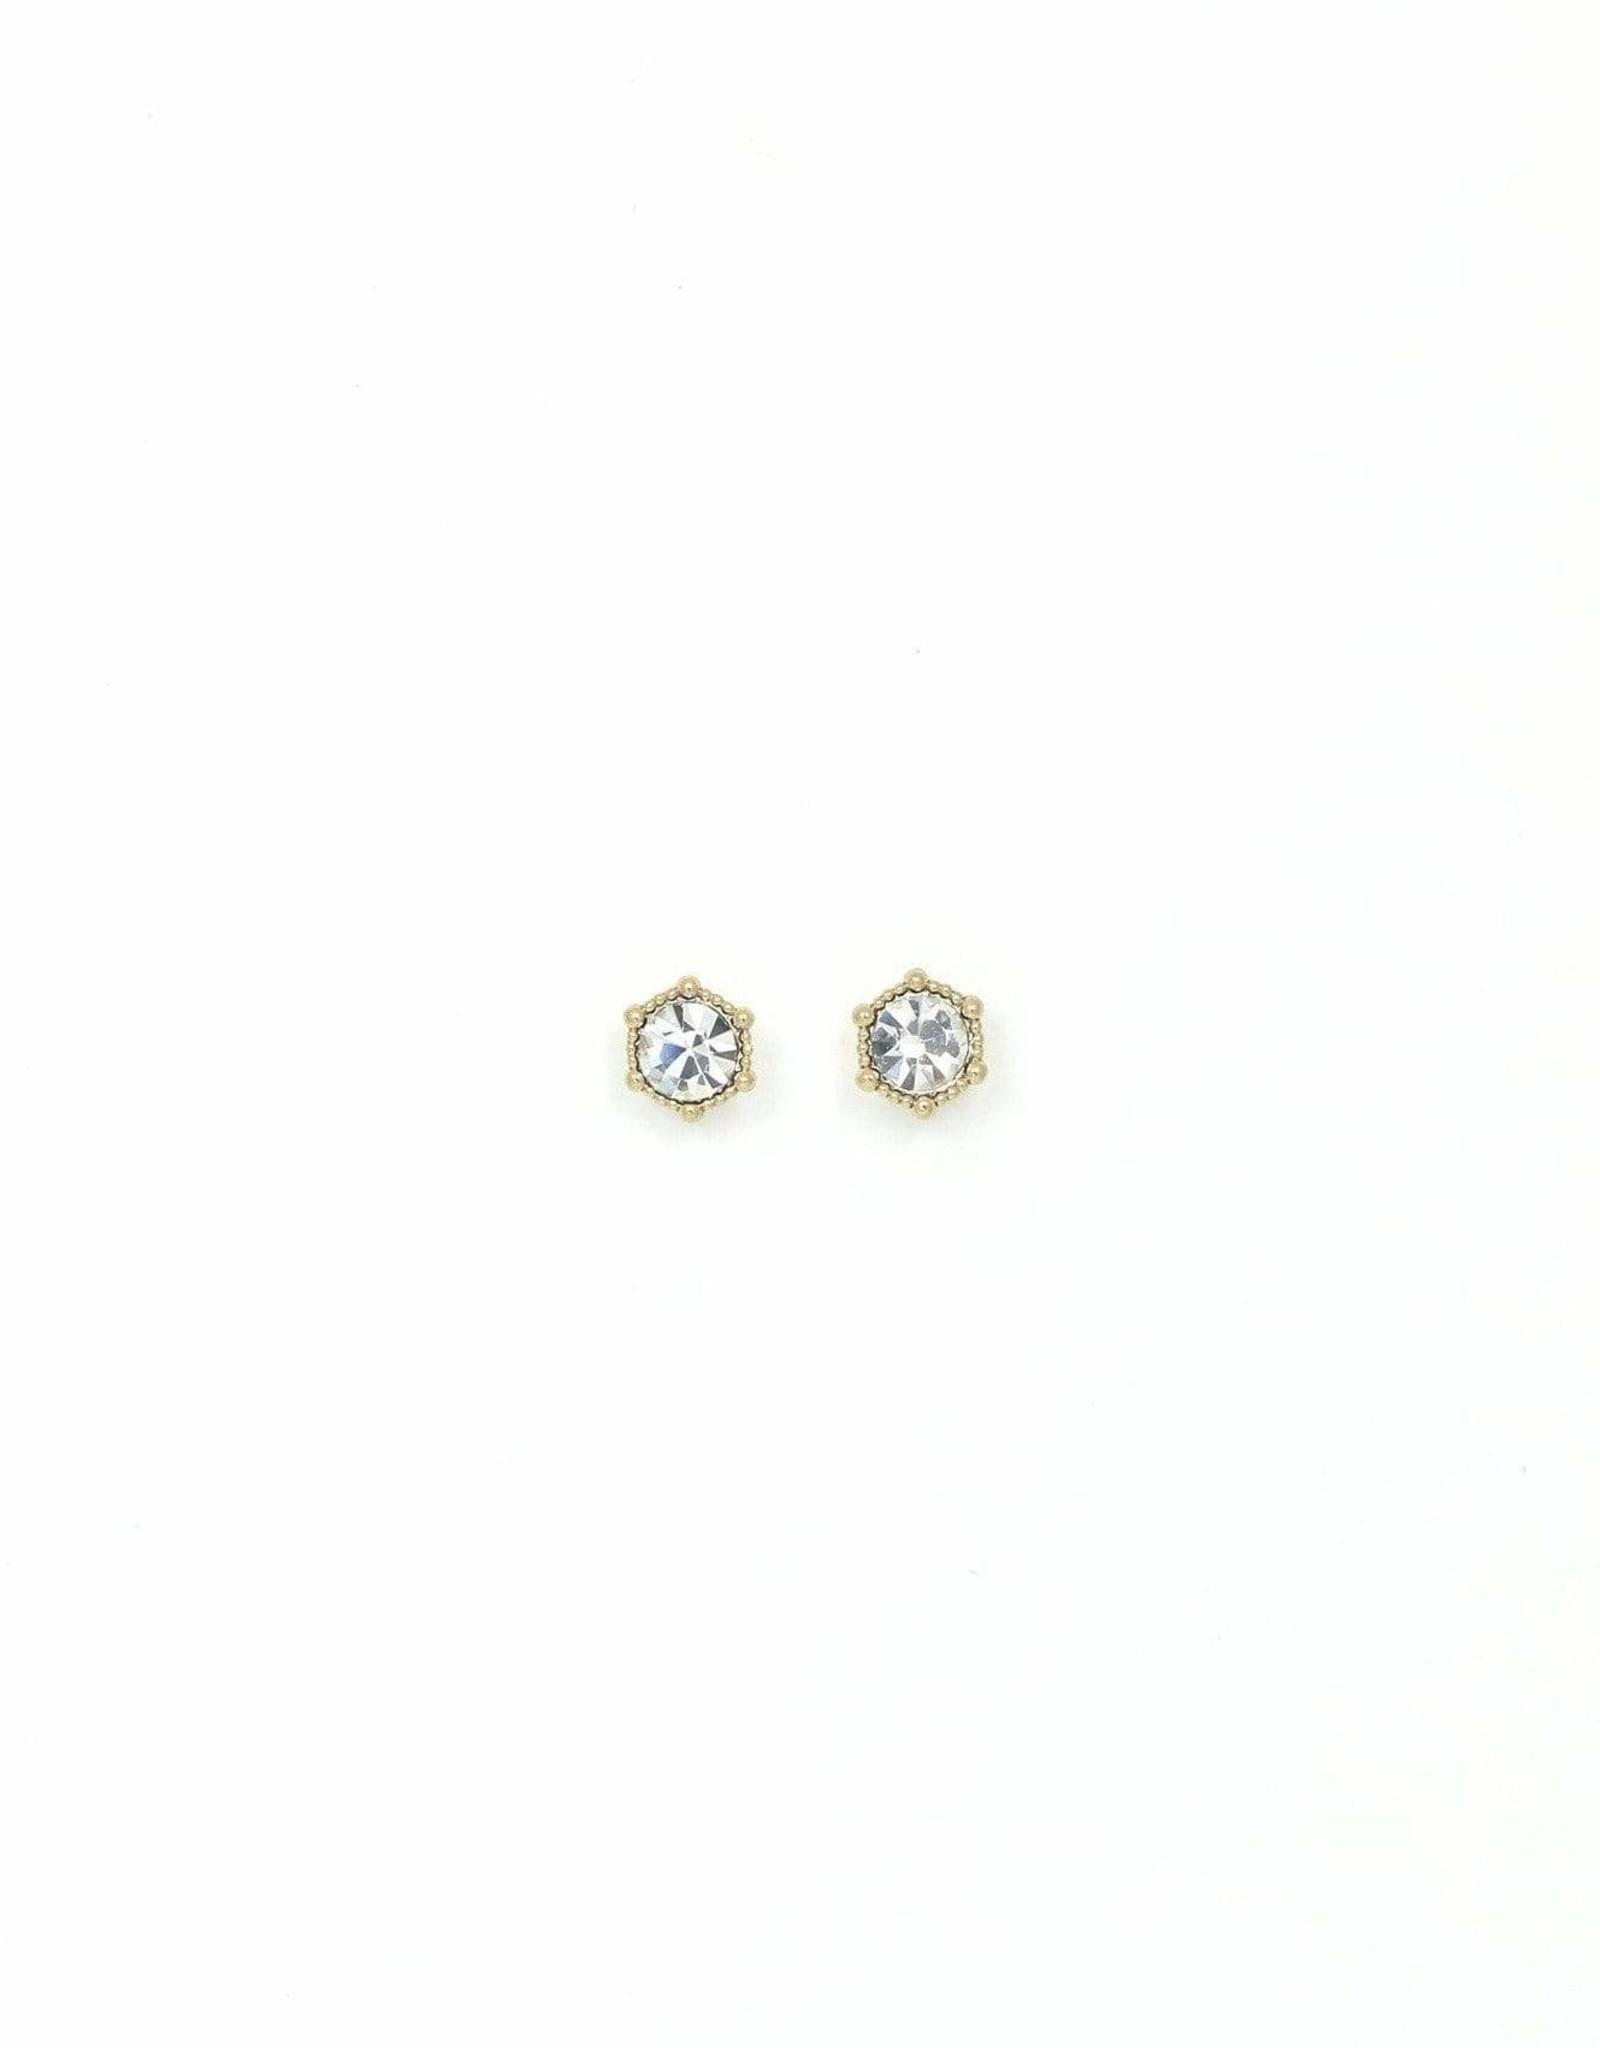 Astrid Earrings - Clear